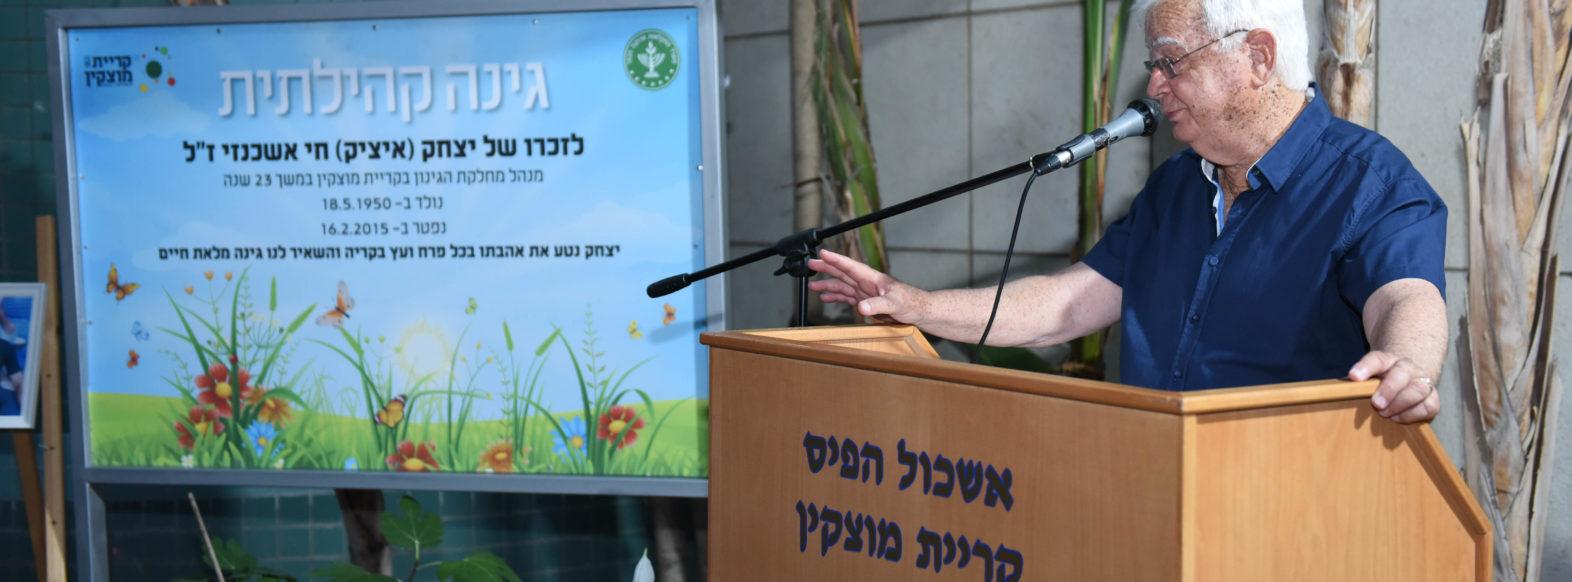 """נחנכה הגינה הקהילתית הראשונה בקריית מוצקין: ע""""ש יצחק חי אשכנזי ז""""ל"""